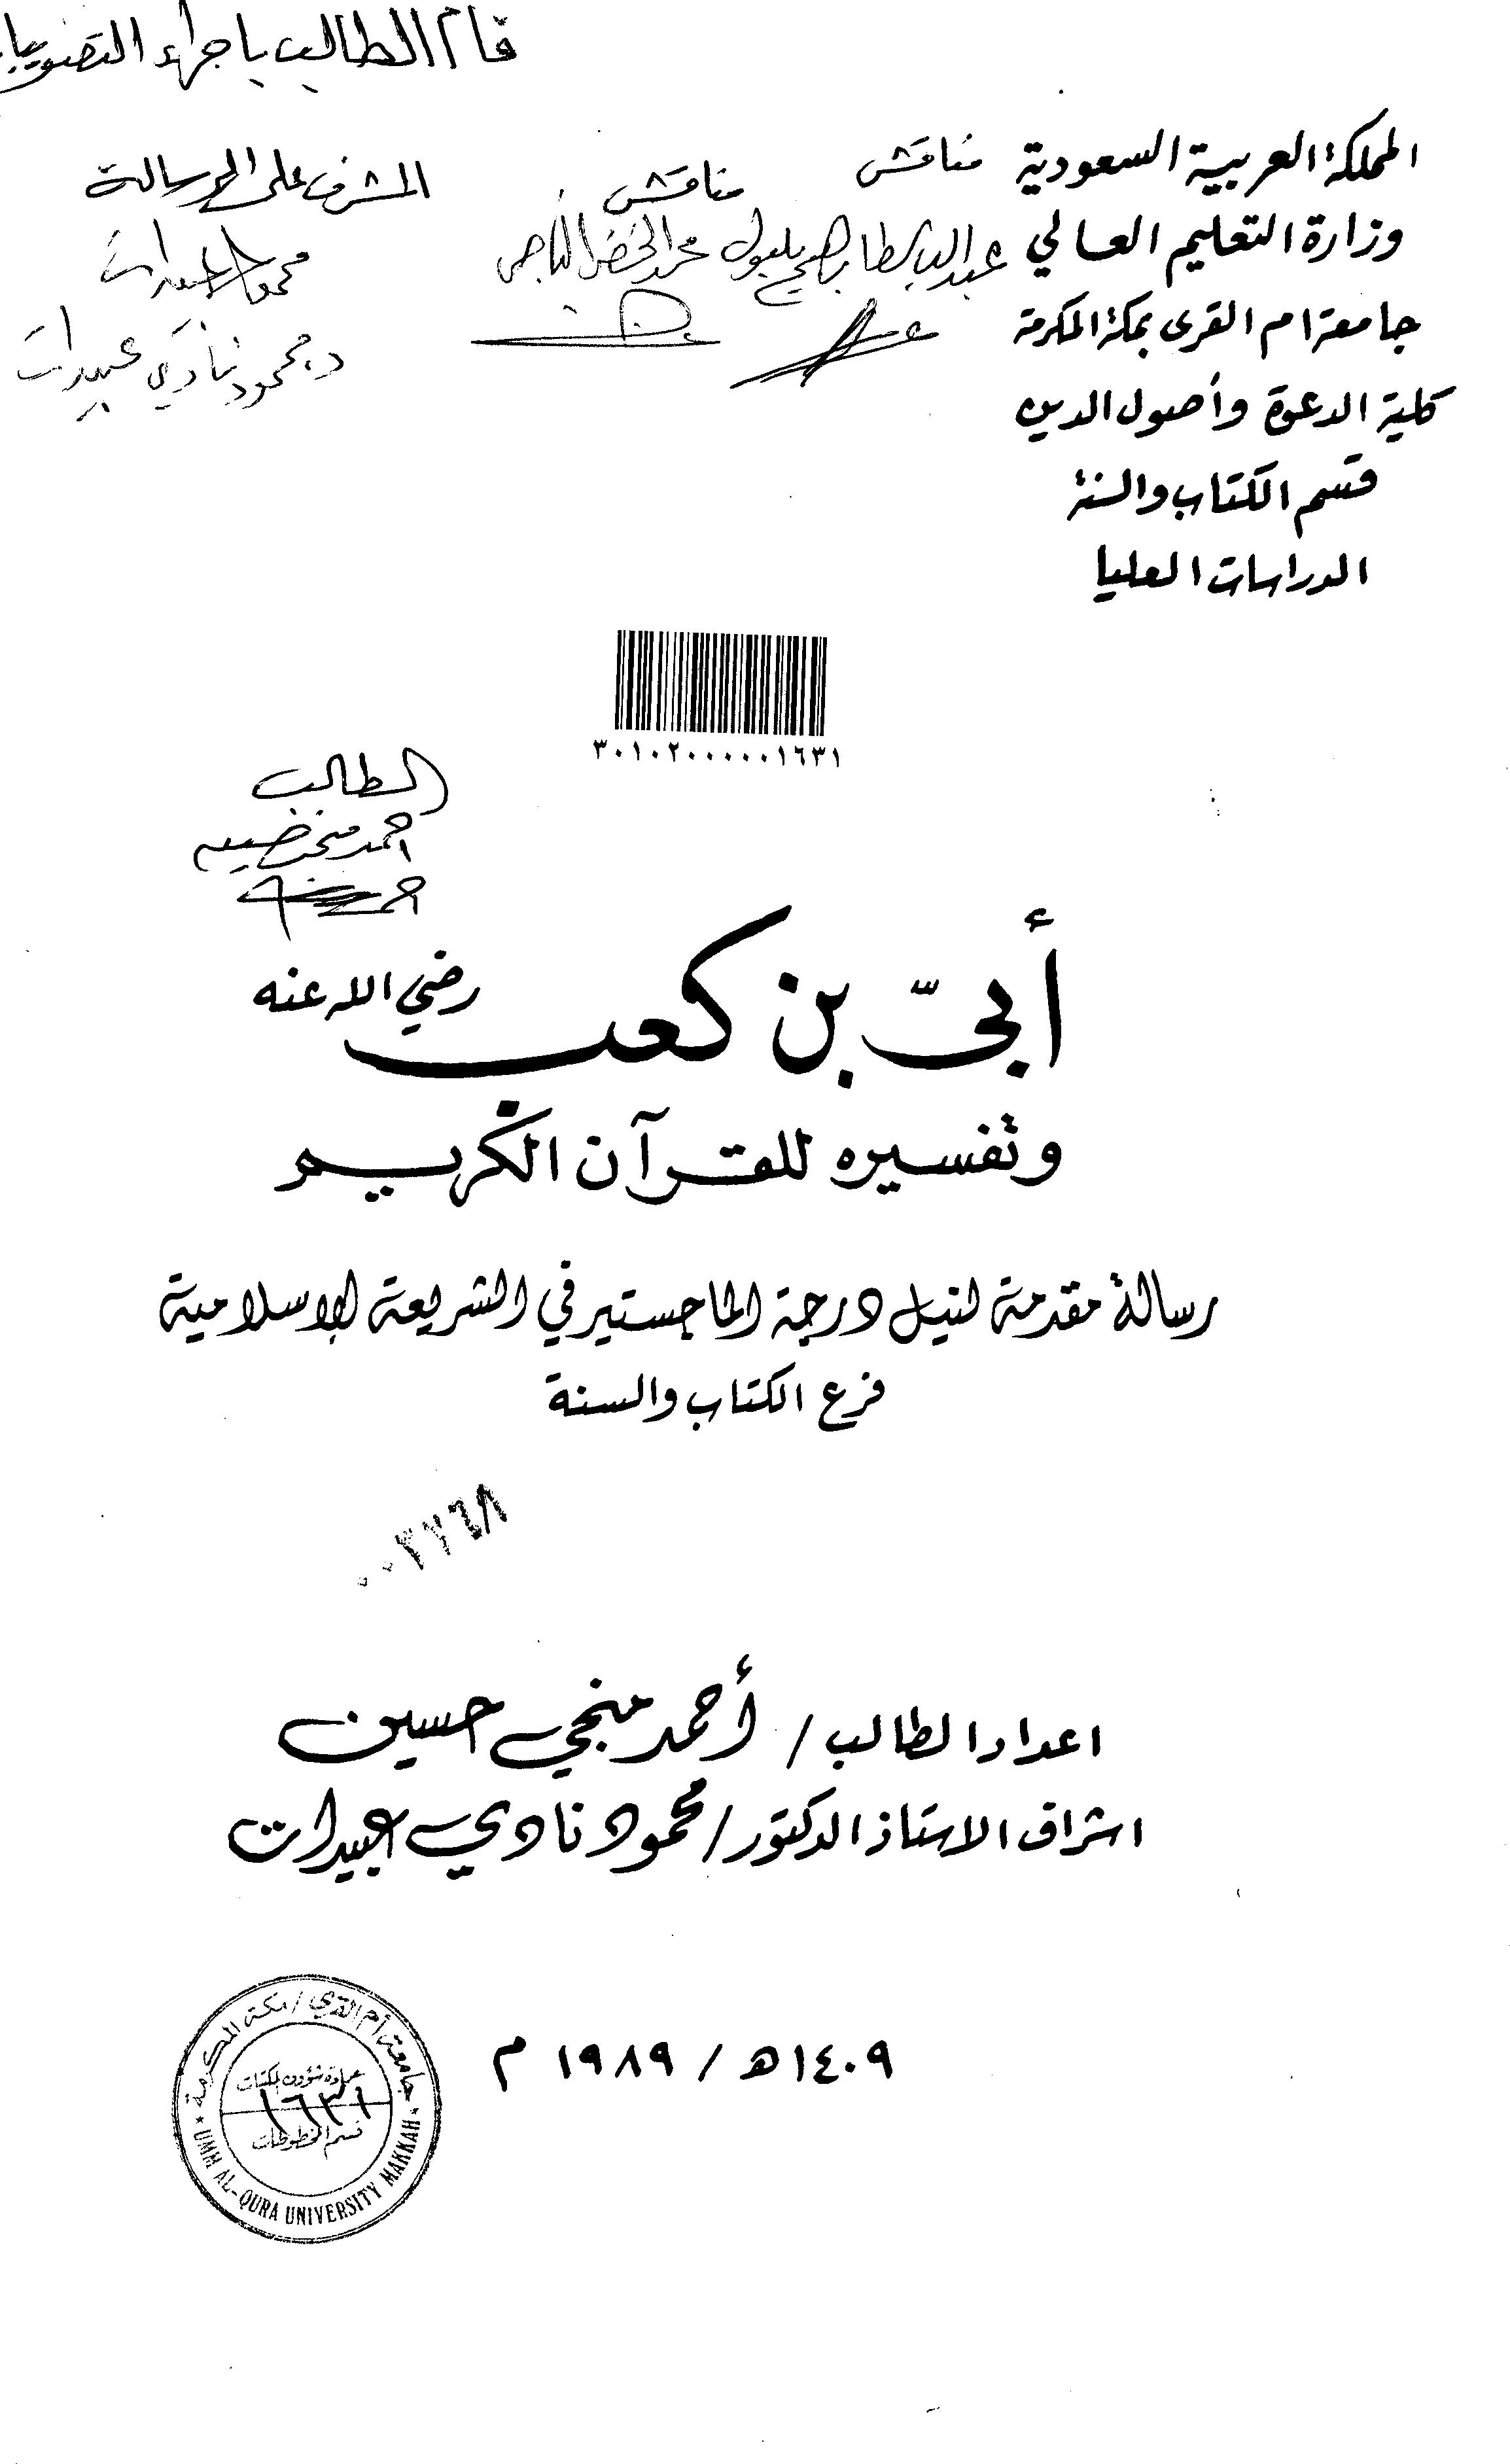 تحميل كتاب أُبي بن كعب رضي الله عنه وتفسيره للقرآن الكريم لـِ: الدكتور أحمد منجي حسين أحمد